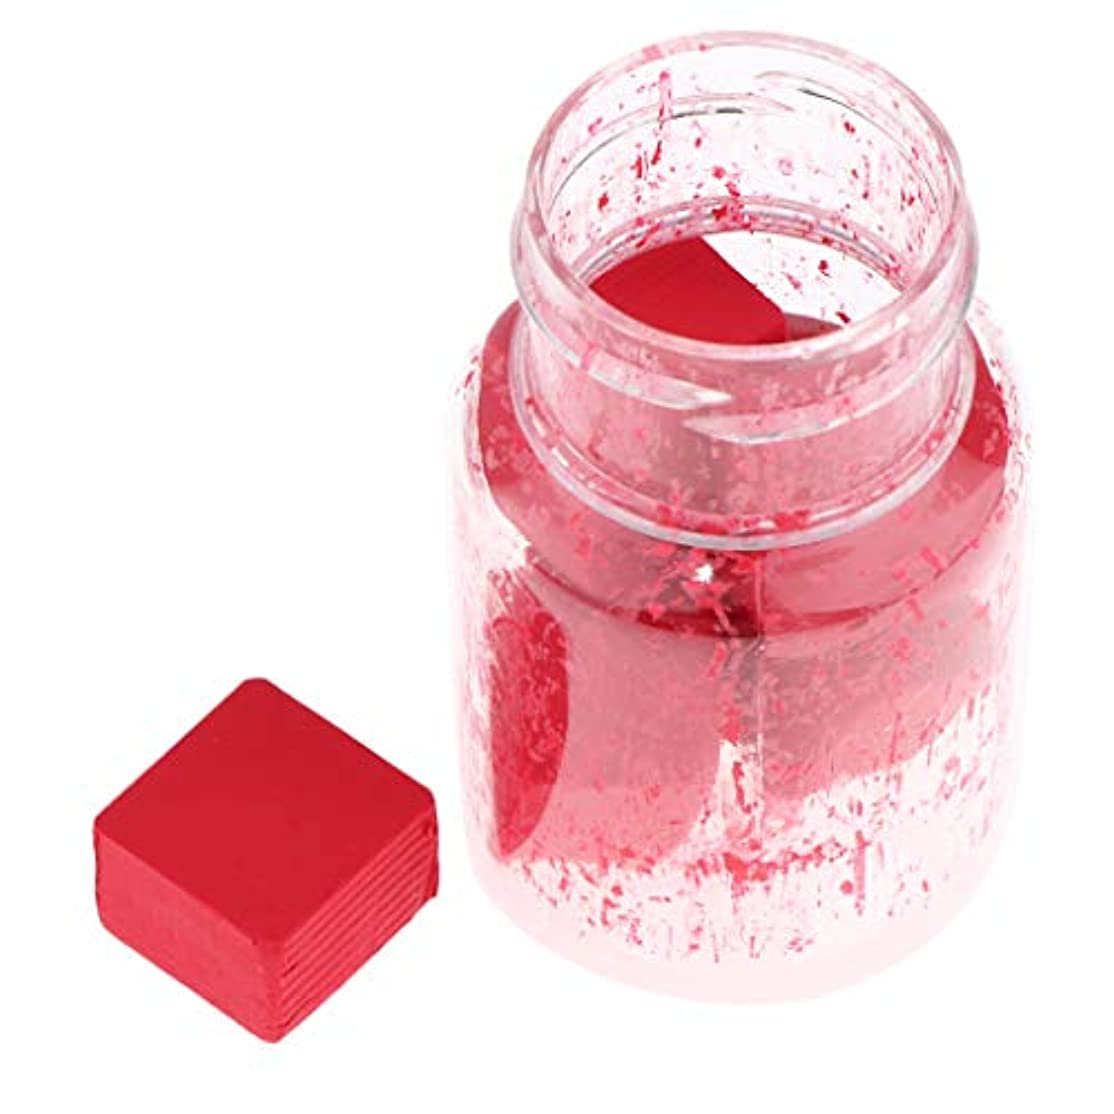 劇的カカドゥ指T TOOYFUL DIY 口紅作り リップスティック材料 リップライナー顔料 2g DIY化粧品 9色選択でき - B